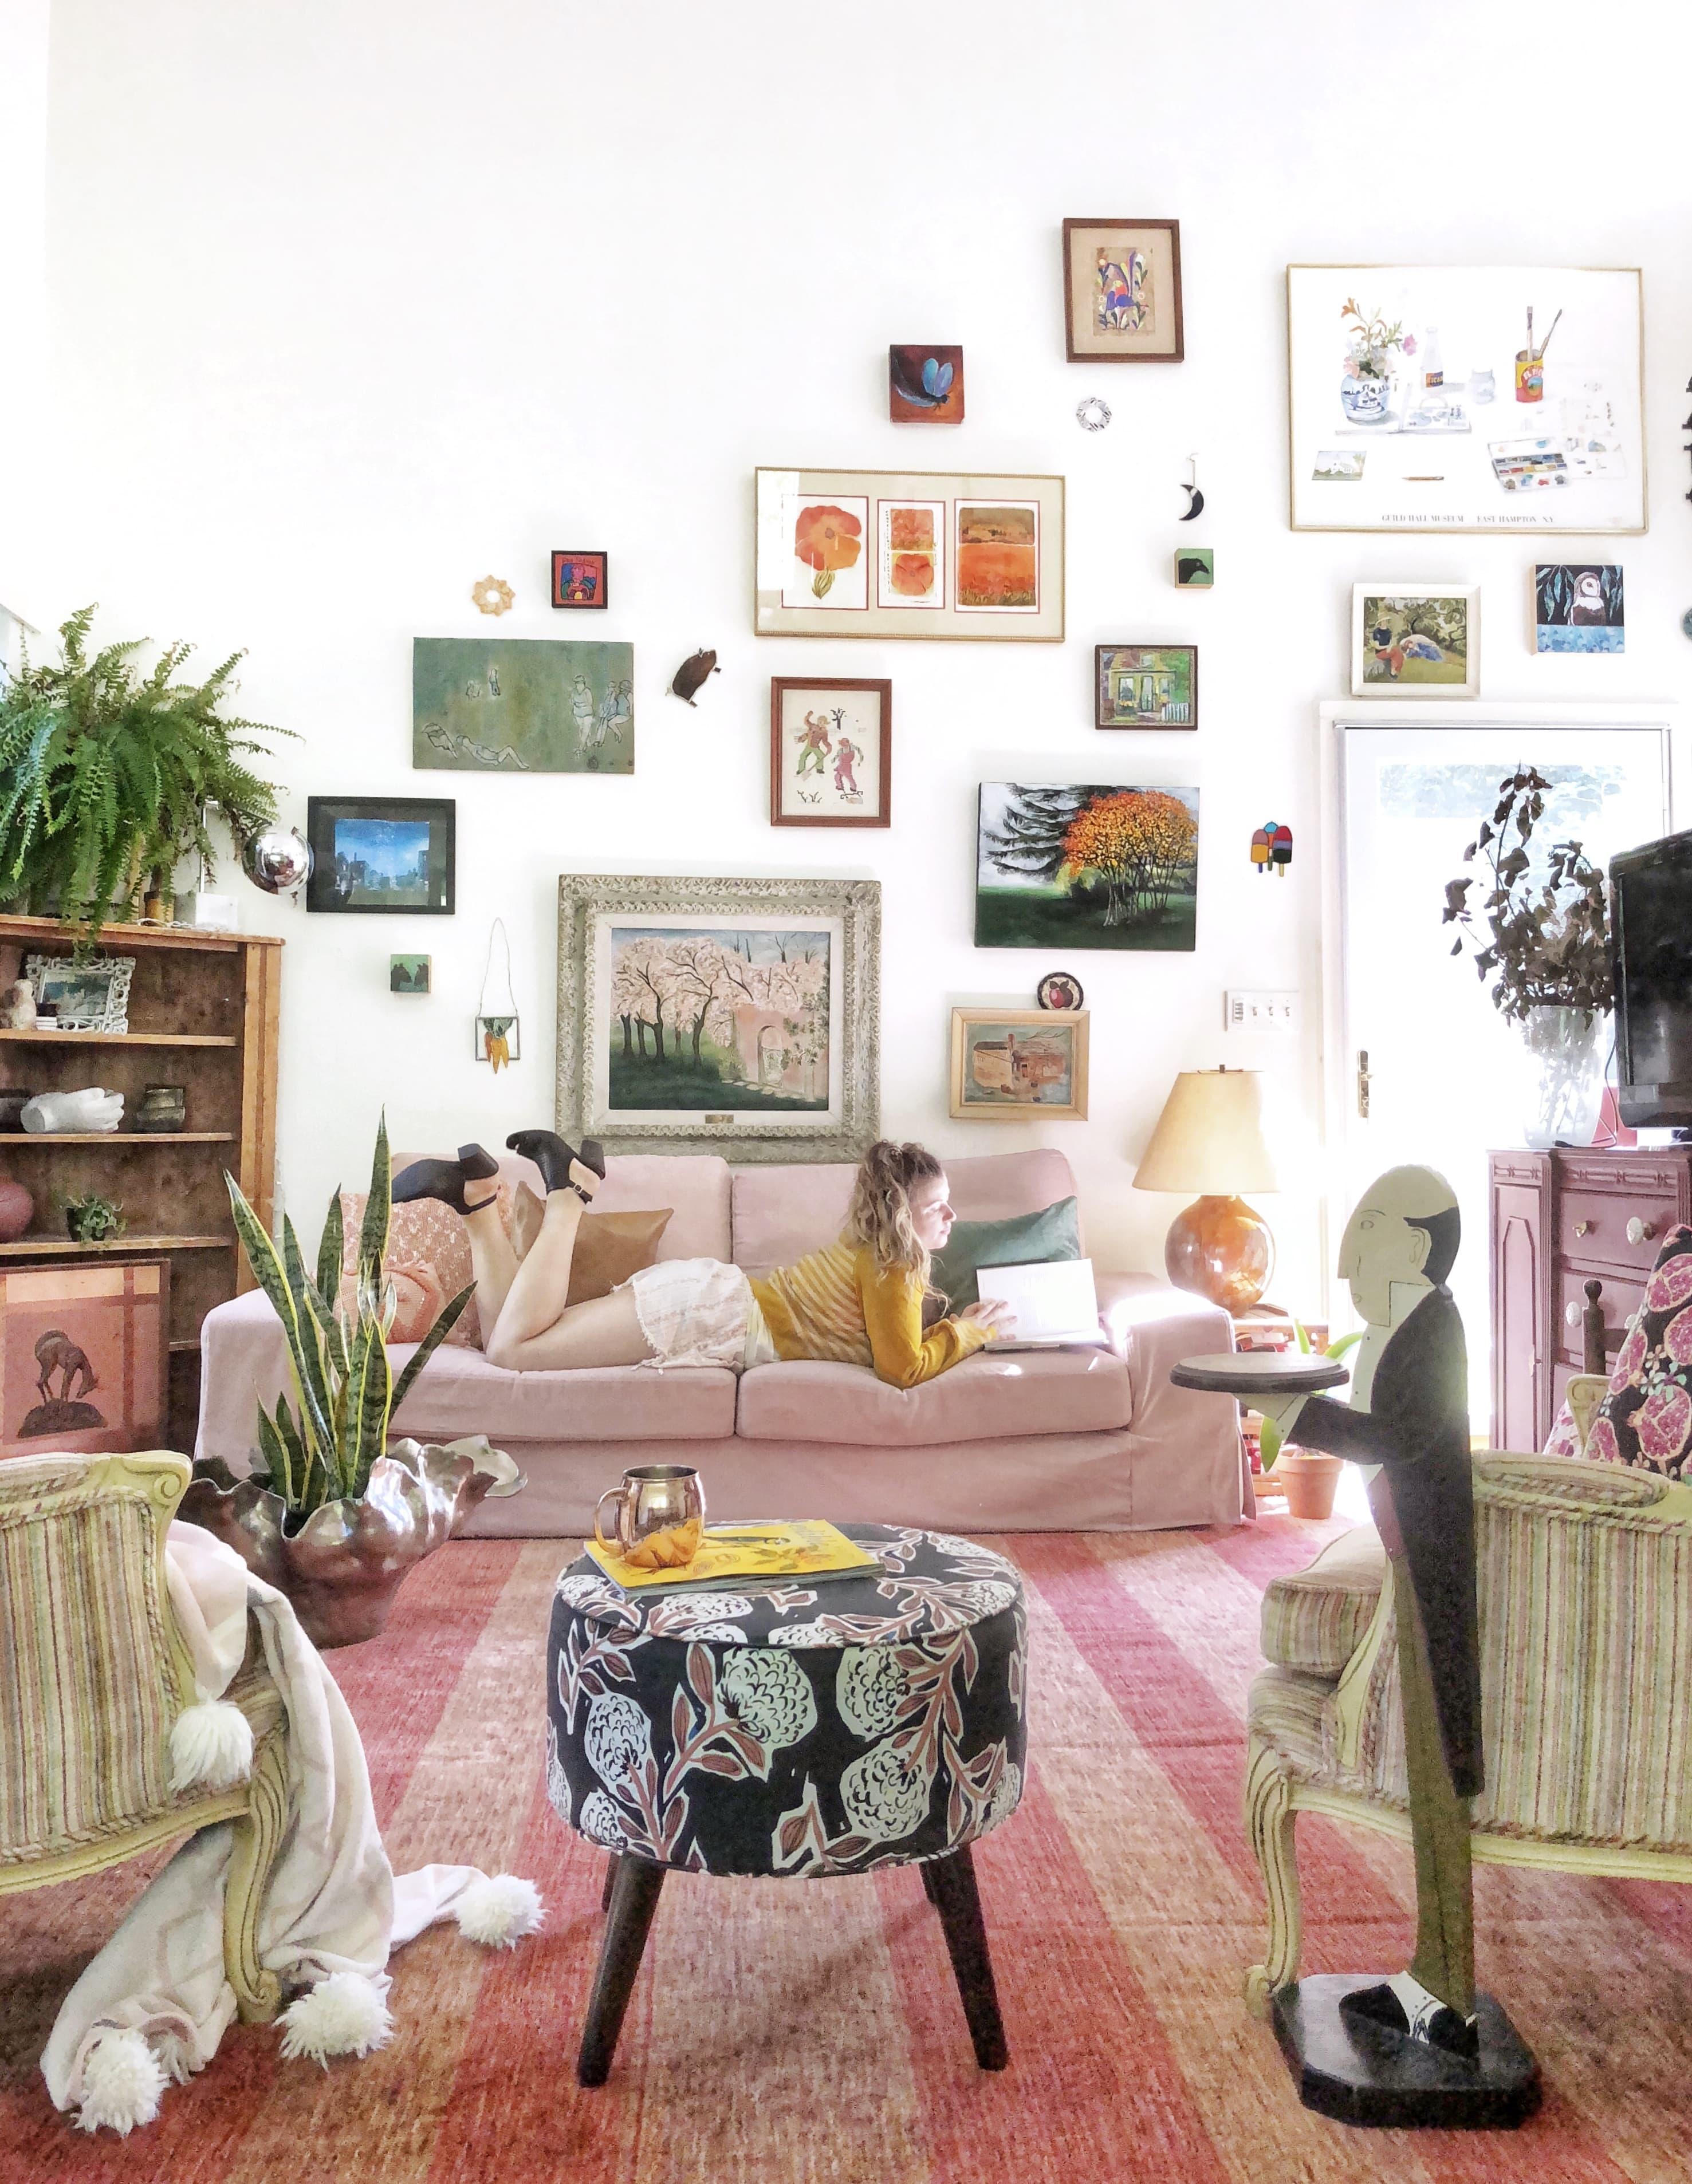 custom kivik chaise lounge cover in linen